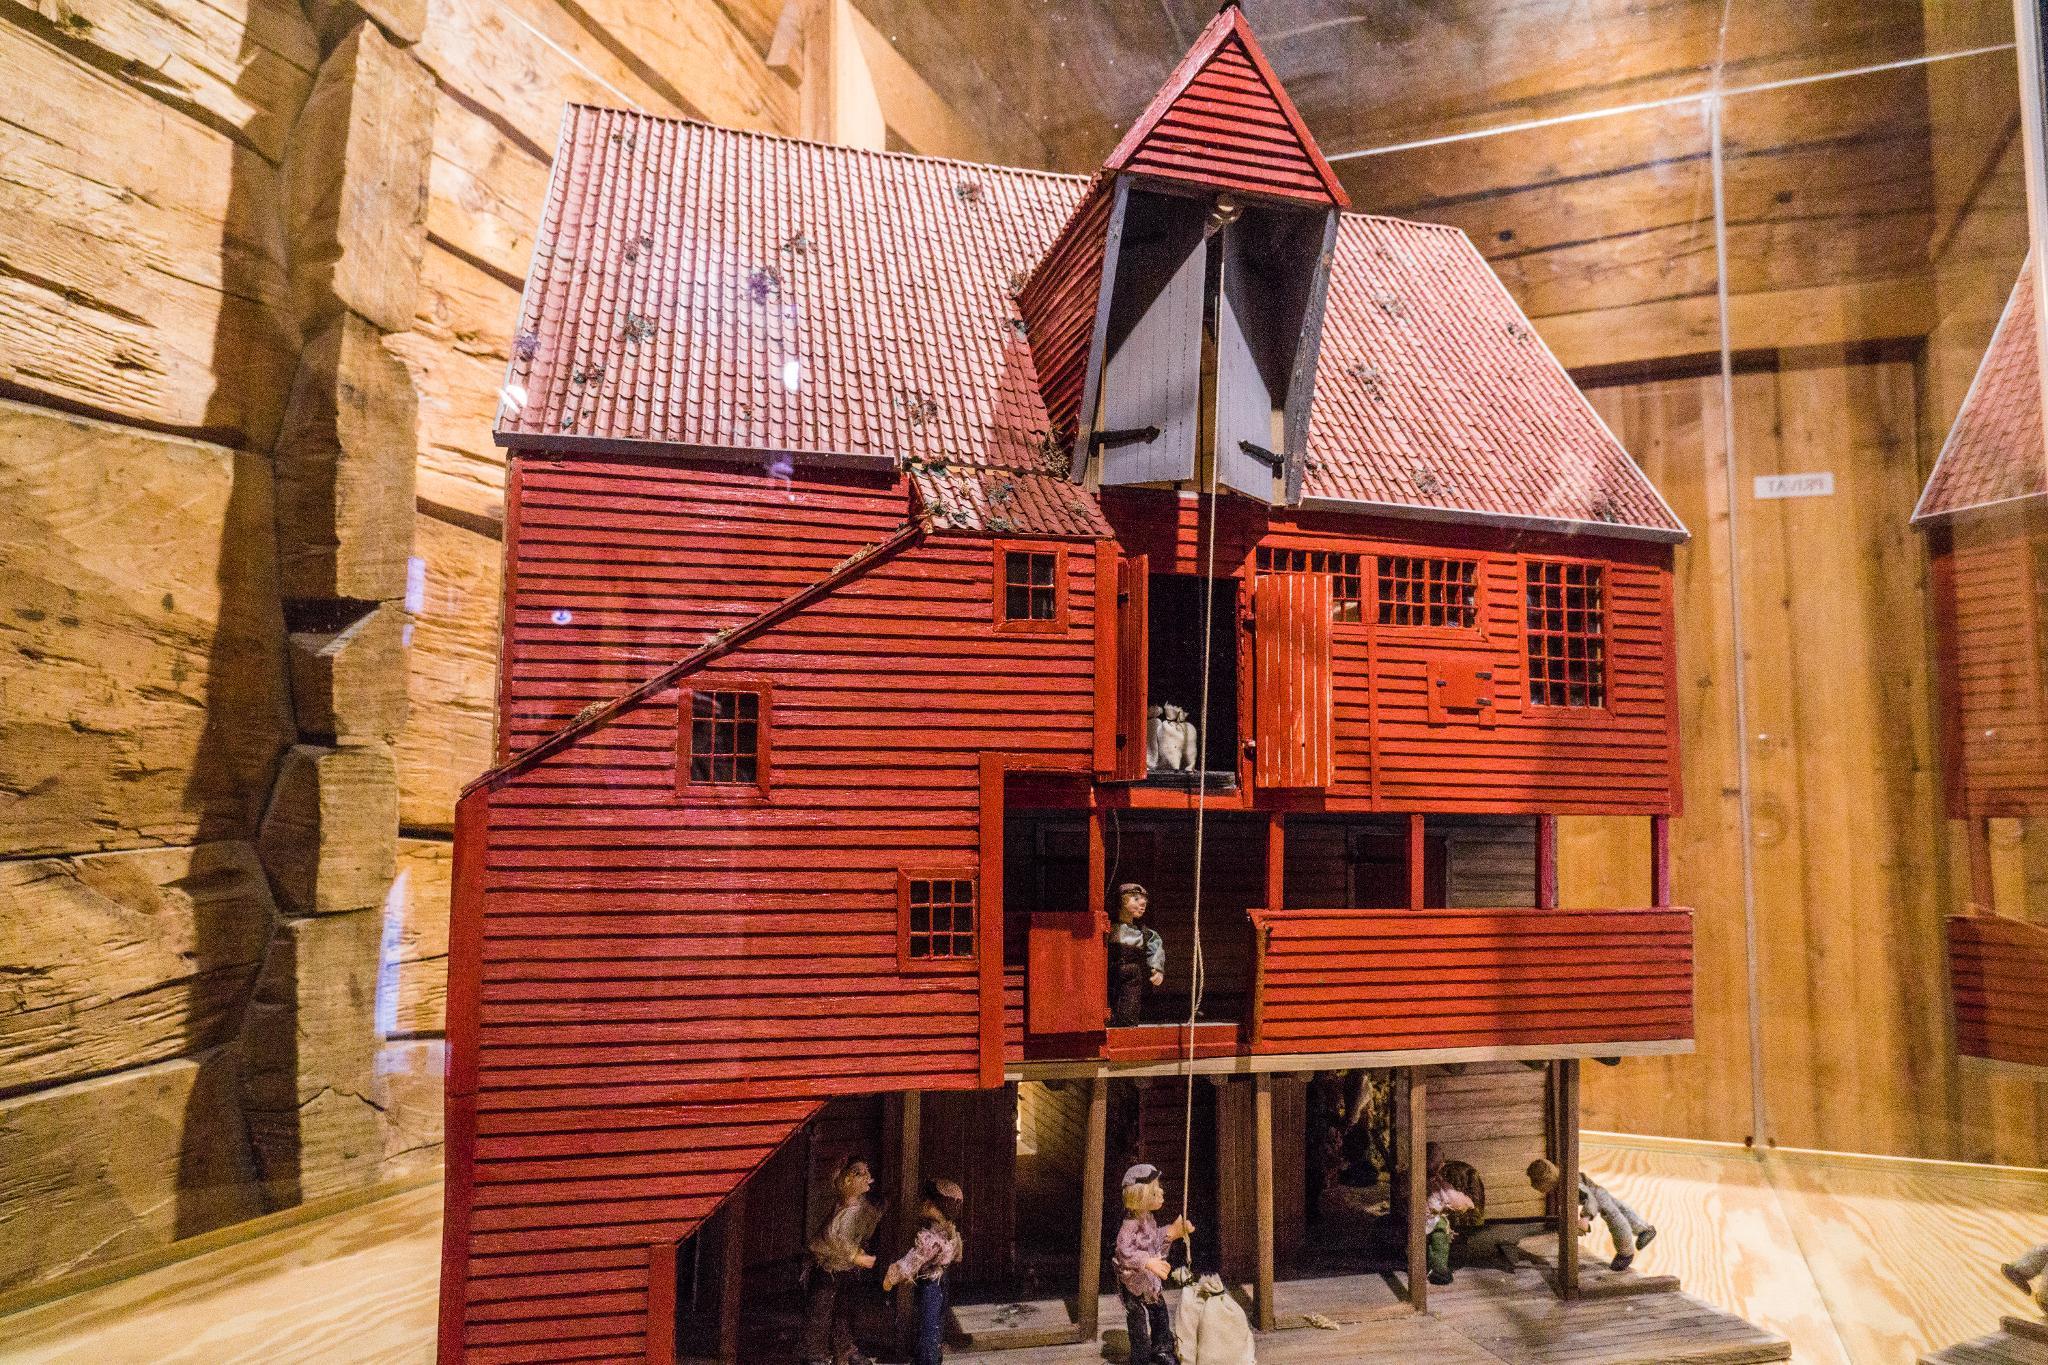 【卑爾根】Bryggen 世界遺產布呂根 — 迷失在百年歷史的挪威彩色木屋 25